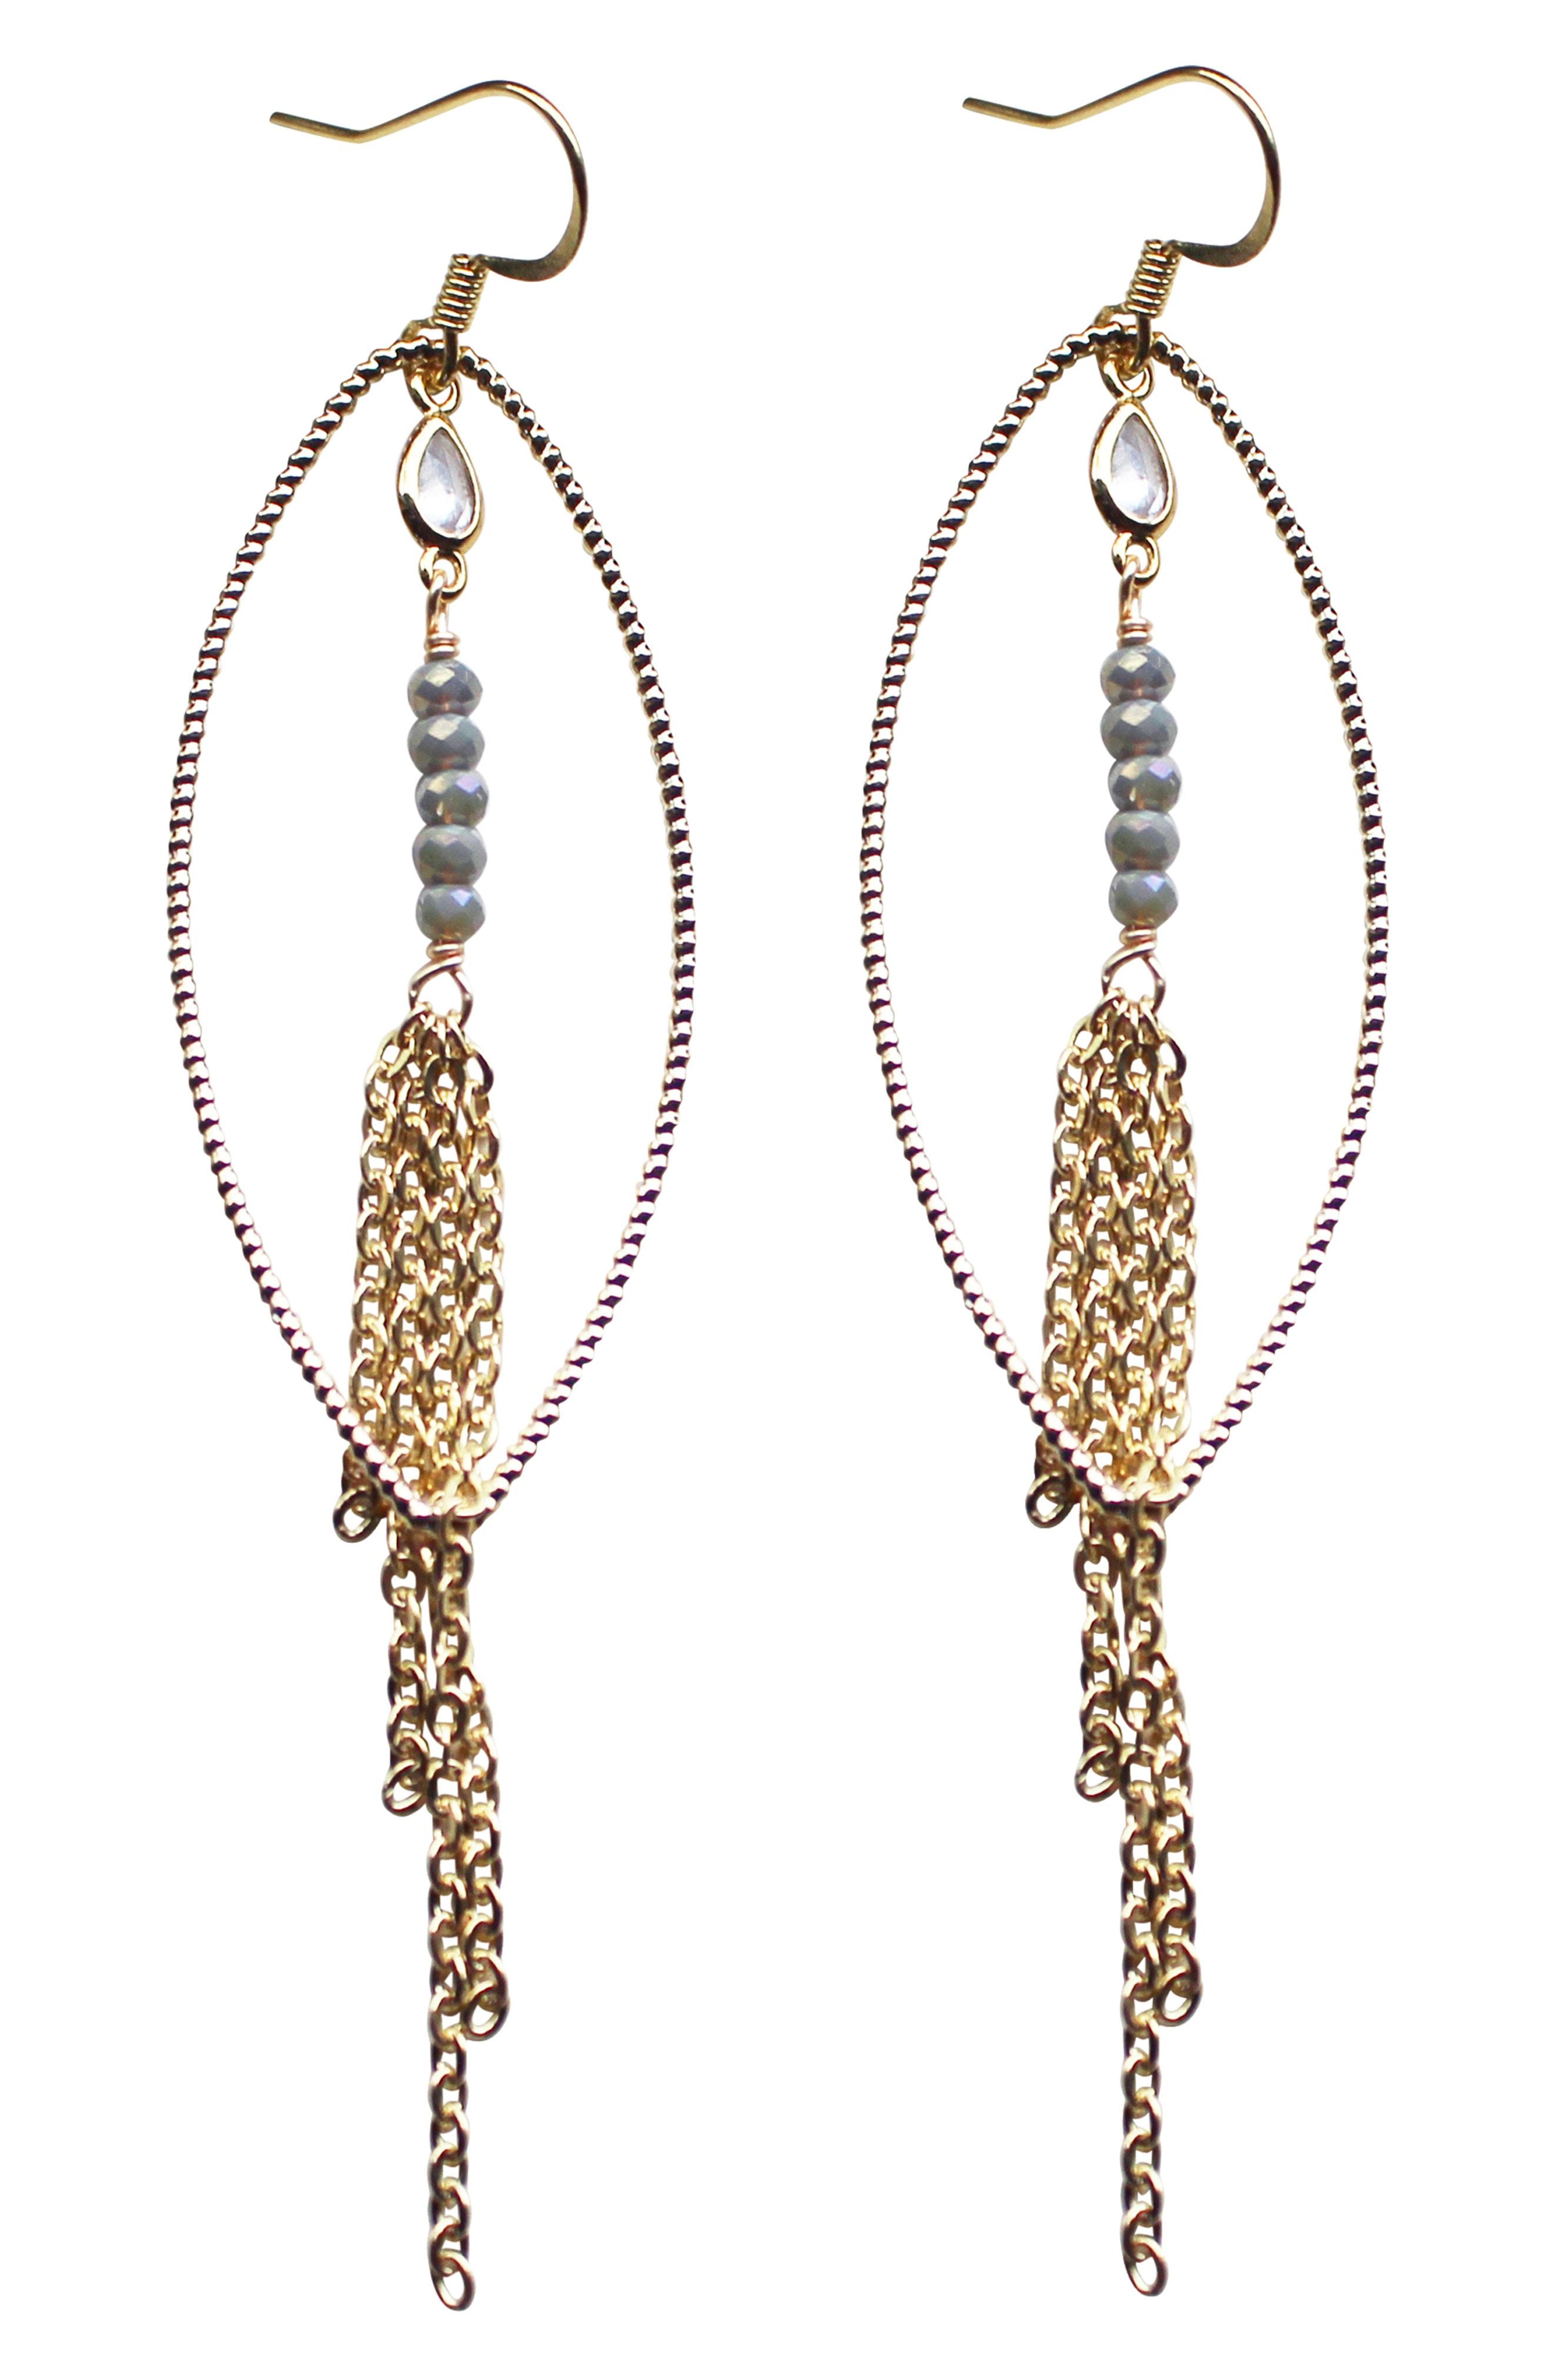 Gemelli Nina Chain Fringe Earrings